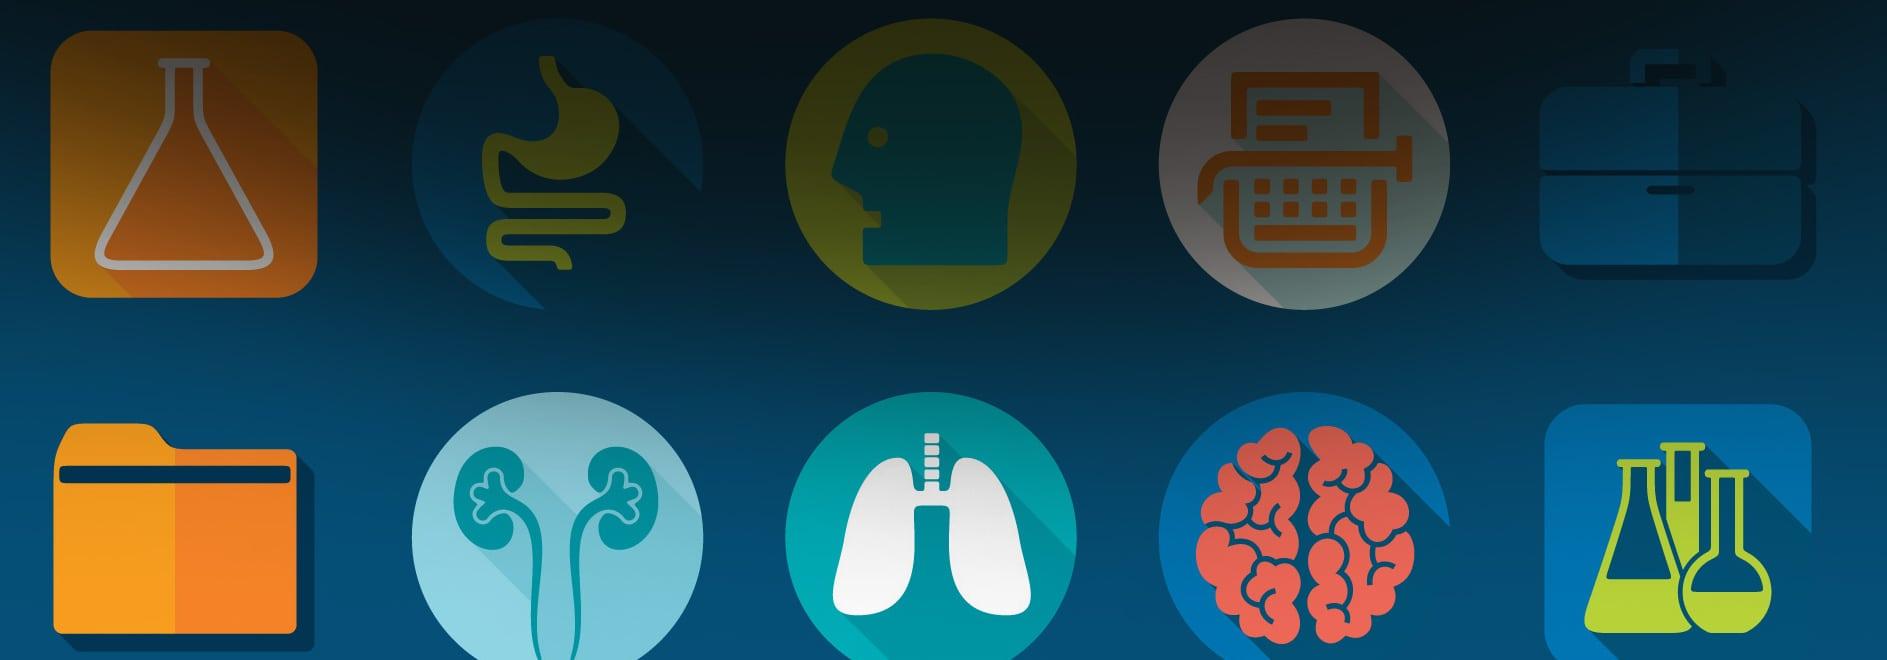 MEDICAL SERVICES WEBSITE DESIGN